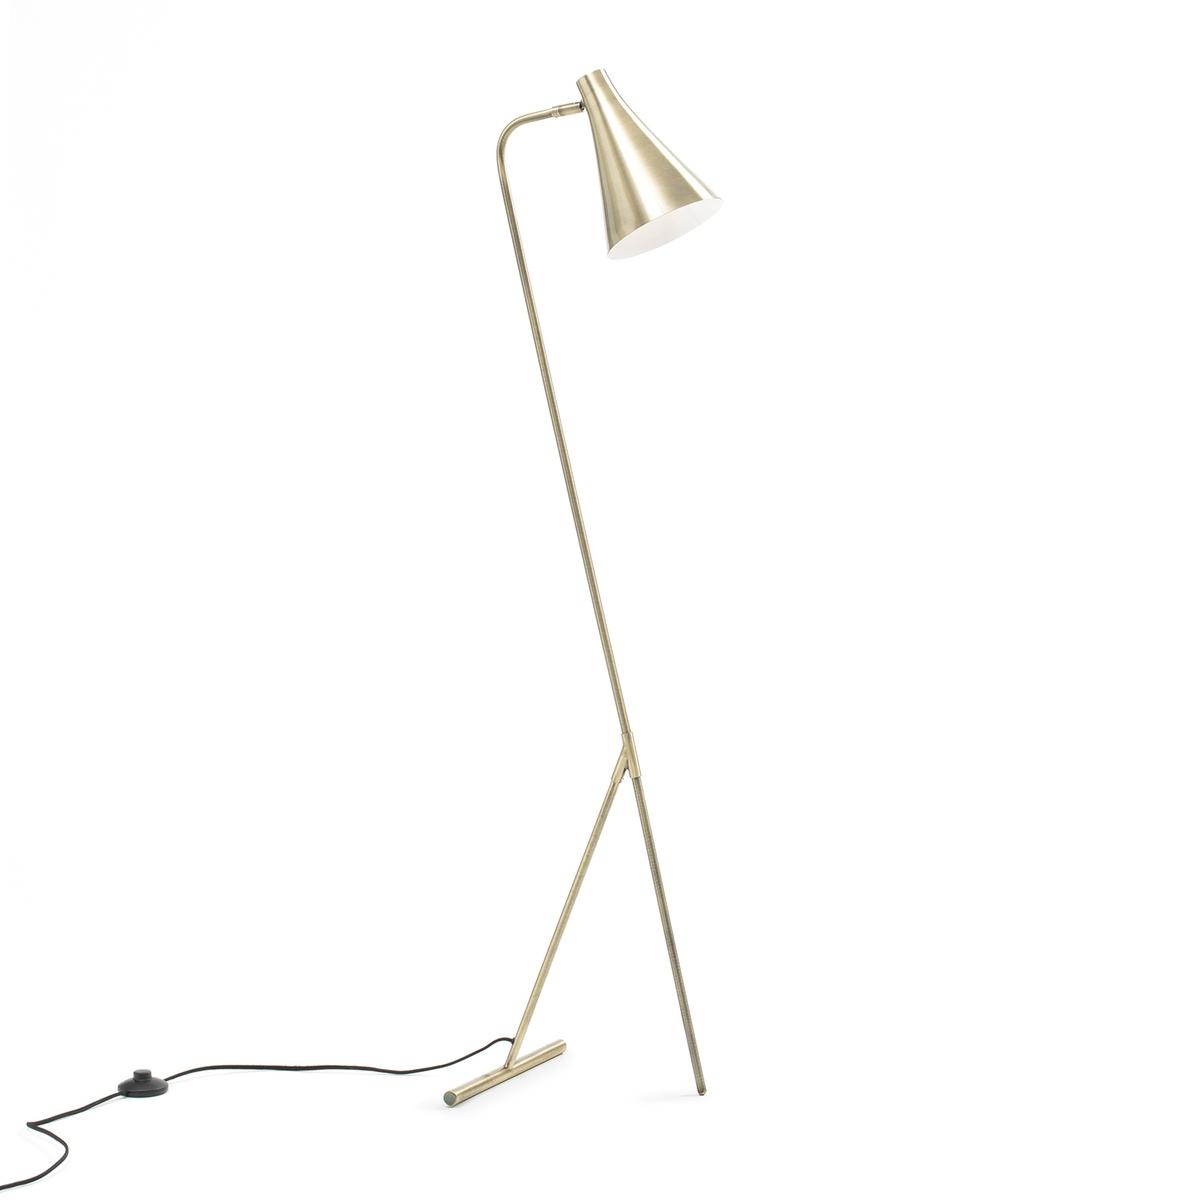 Лампа напольная из состаренной бронзы, Jameson